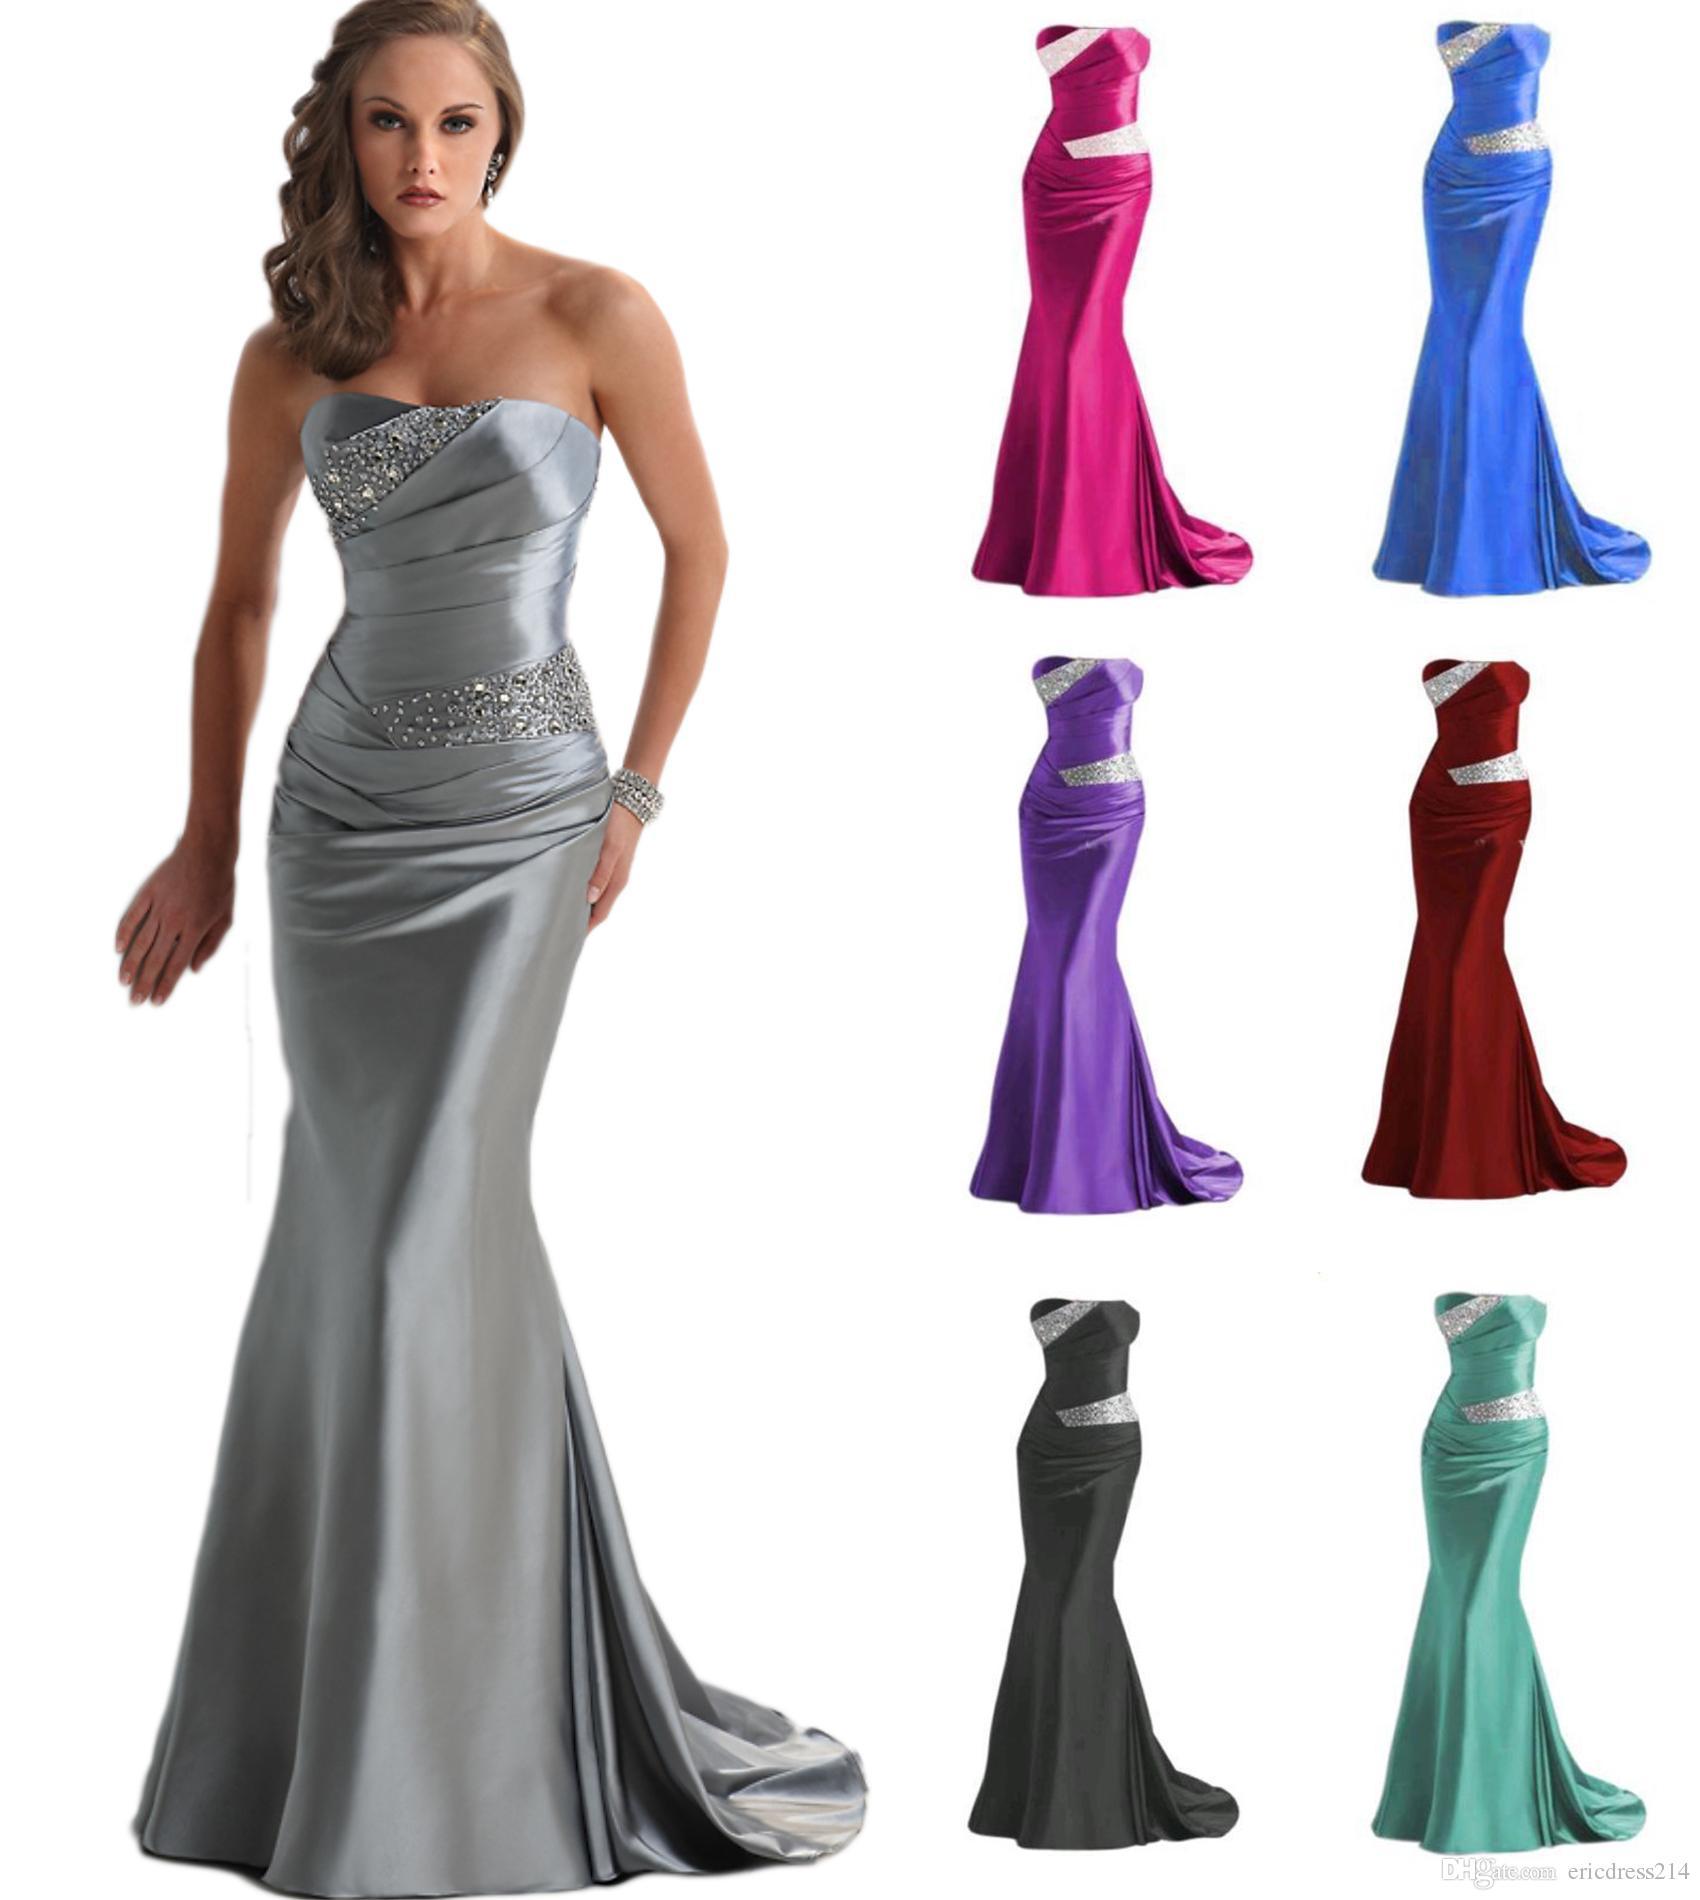 95644314e Compre 2018 Vestidos De Dama De Honor De Sirena Larga Vestido De Dama De  Honor Sin Tirante Gris Sin Tirantes Vestidos De Fiesta Vestidos De Fiesta  De Boda ...